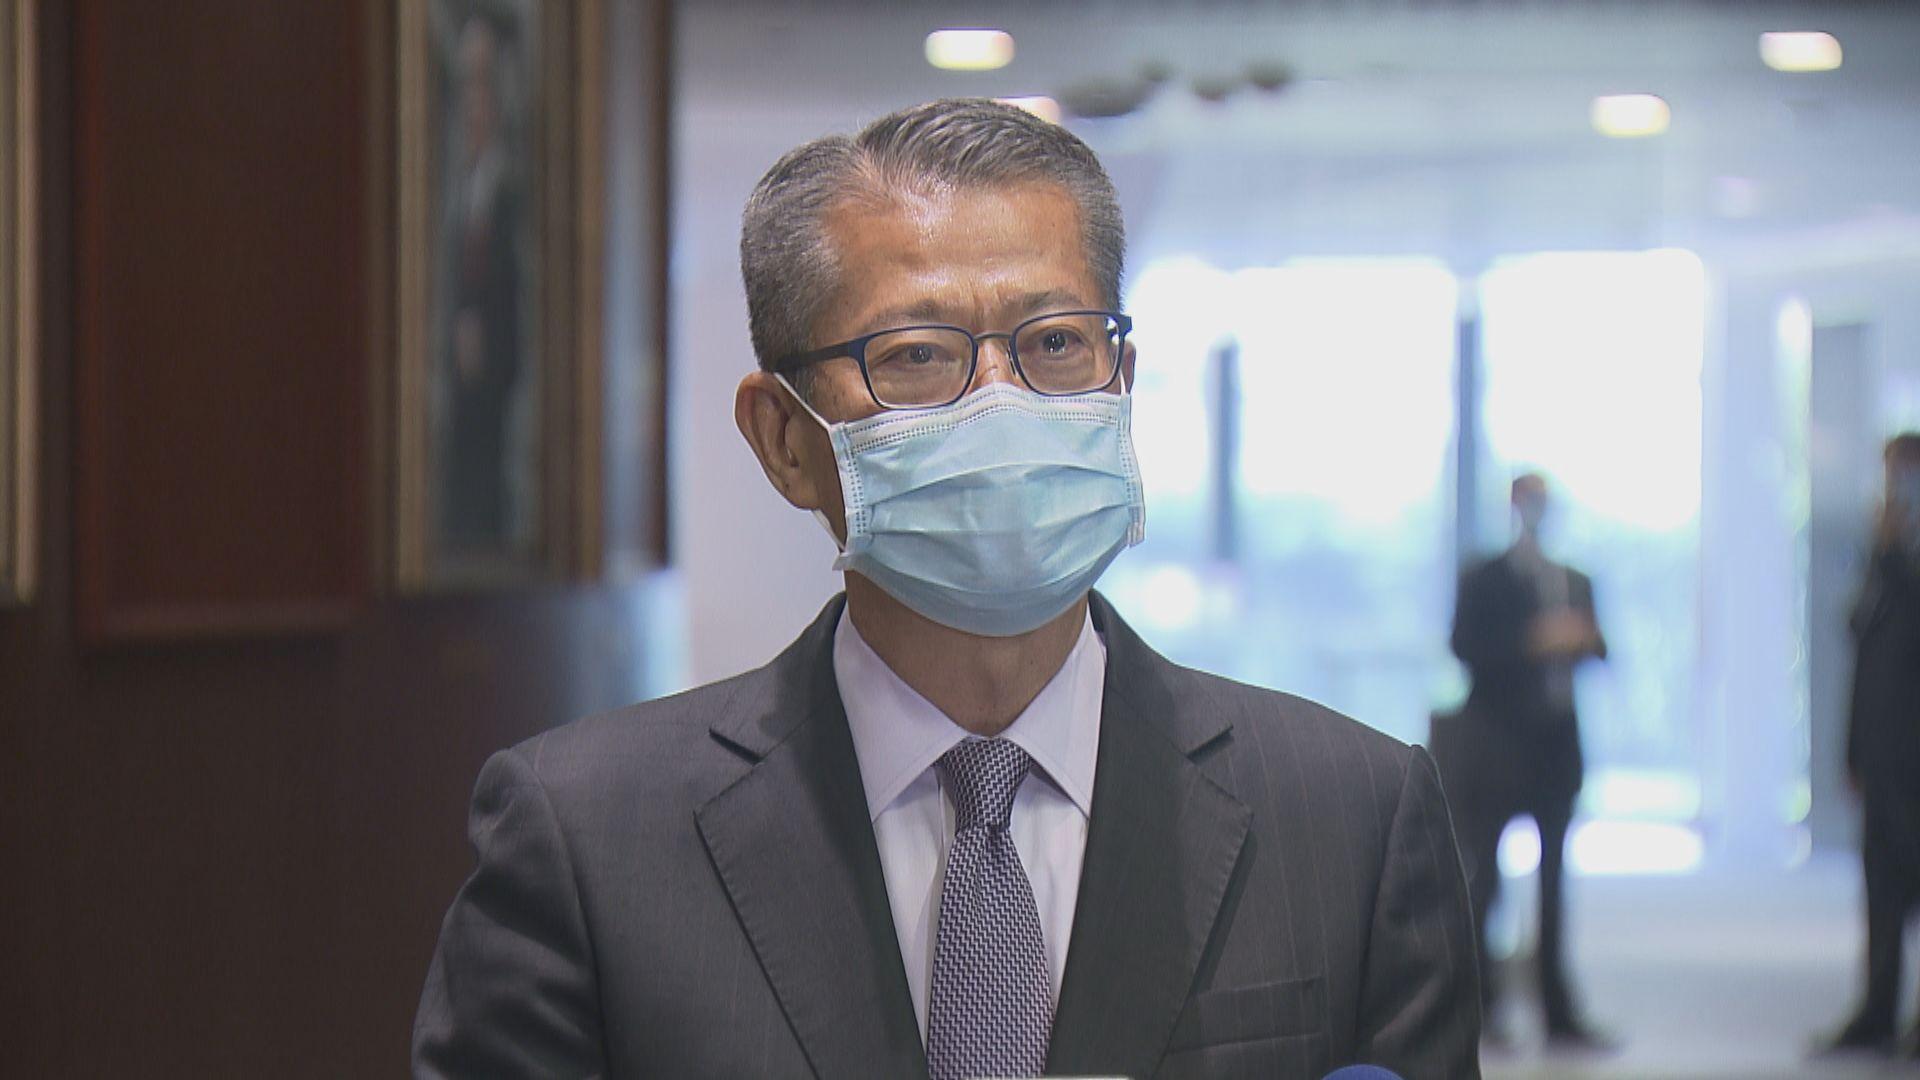 陳茂波:財政狀況嚴峻 有需要仍會推逆周期措施